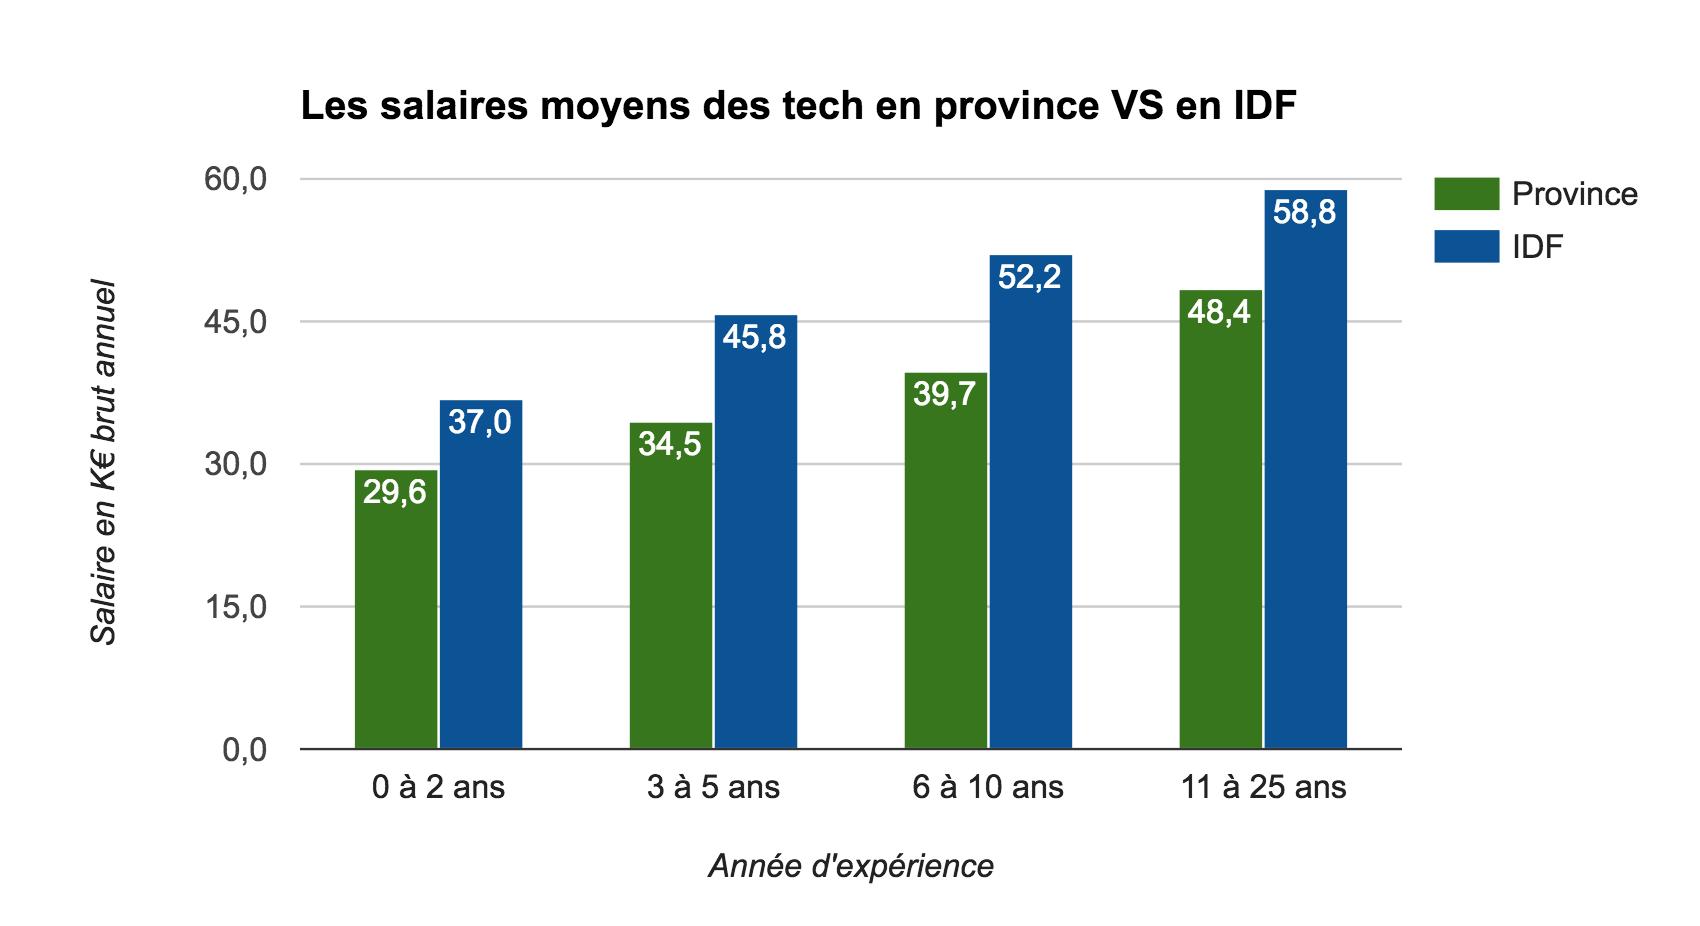 Les salaires moyens des tech en province VS en IDF